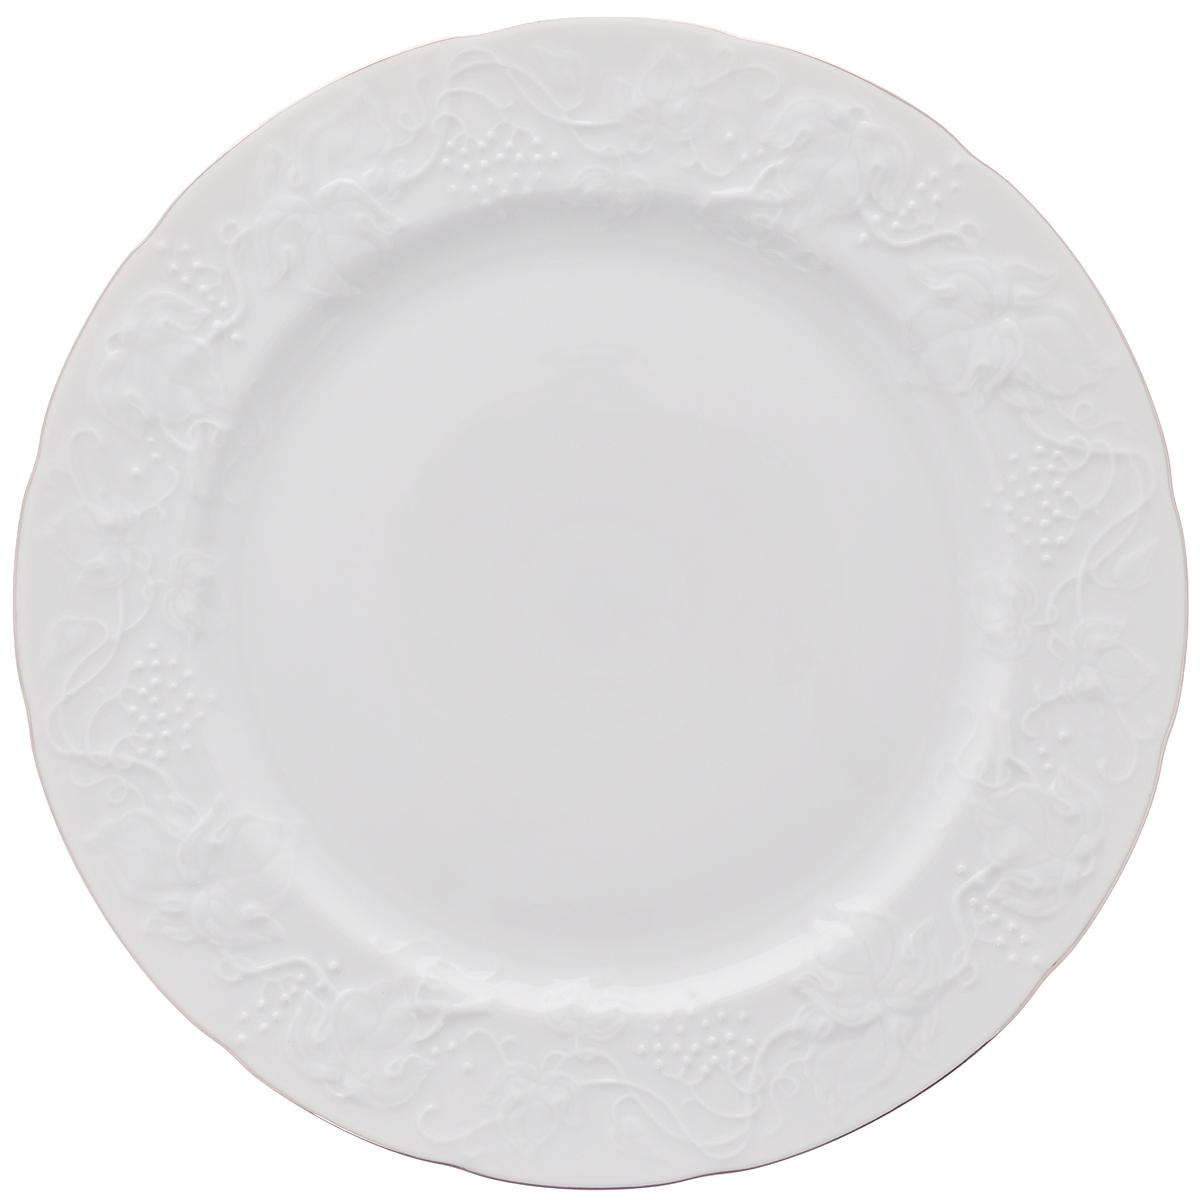 Блюдо Yves De La Rosiere Vendanges, диаметр 31 см6906320019Изящное блюдо Yves De La Rosiere Vendanges, выполненное из высококачественного фарфора и украшено по краю эмалью и рельефным рисунком.Блюдо доставит истинное удовольствие ценителям прекрасного. Оно украсит ваш кухонный стол, а также станет замечательным подарком к любому празднику.Диаметр блюда: 31 см.